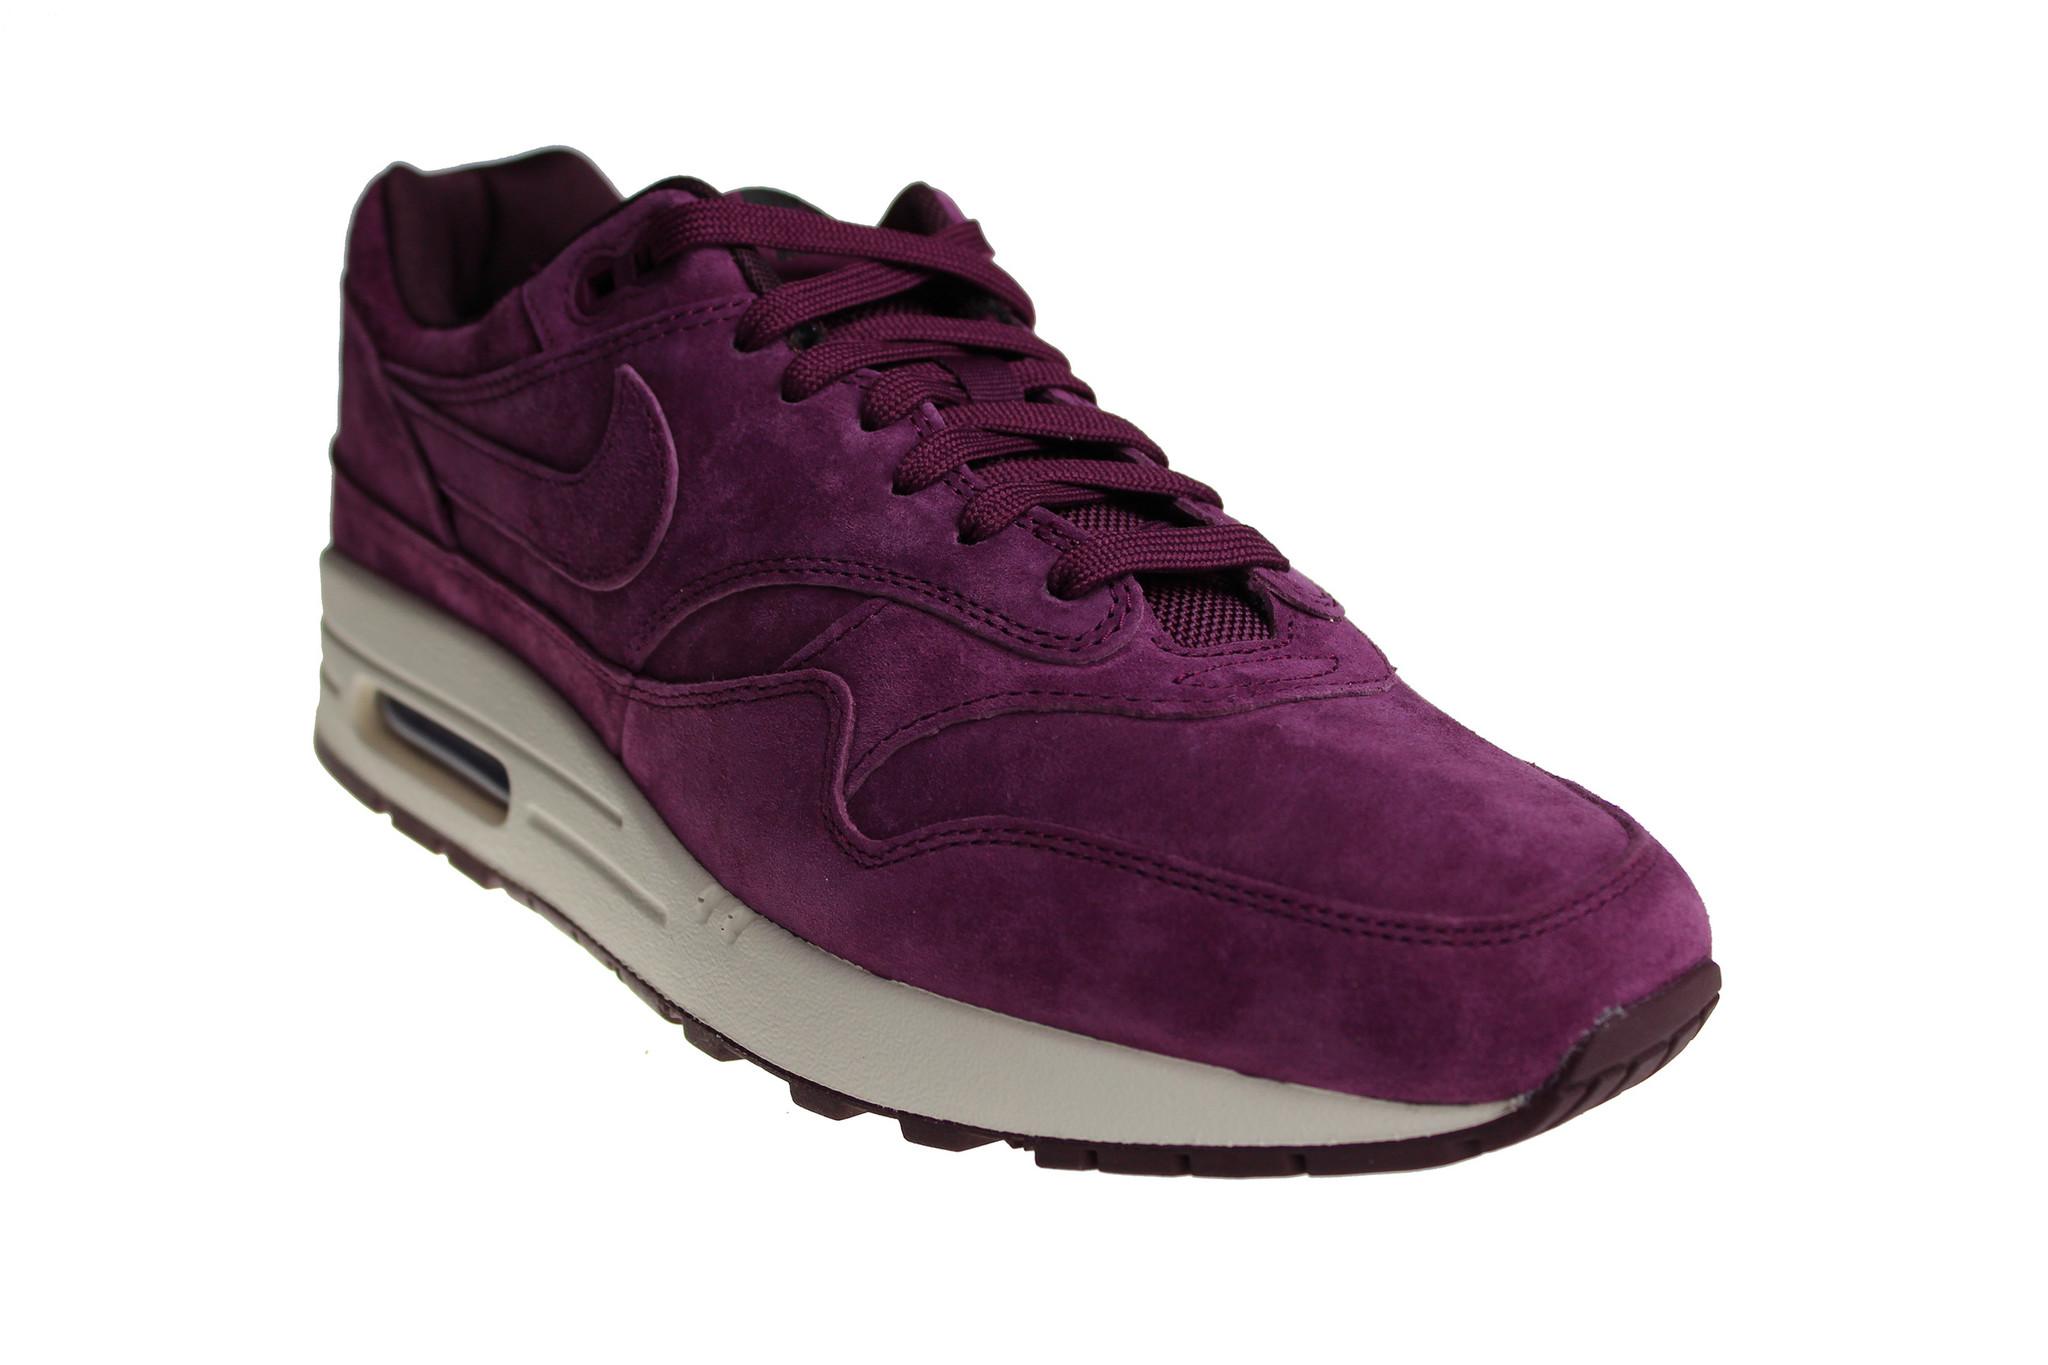 Nike Air Max 1 Premium (BordeauxOff White) 875844 602 Men's Sneakers